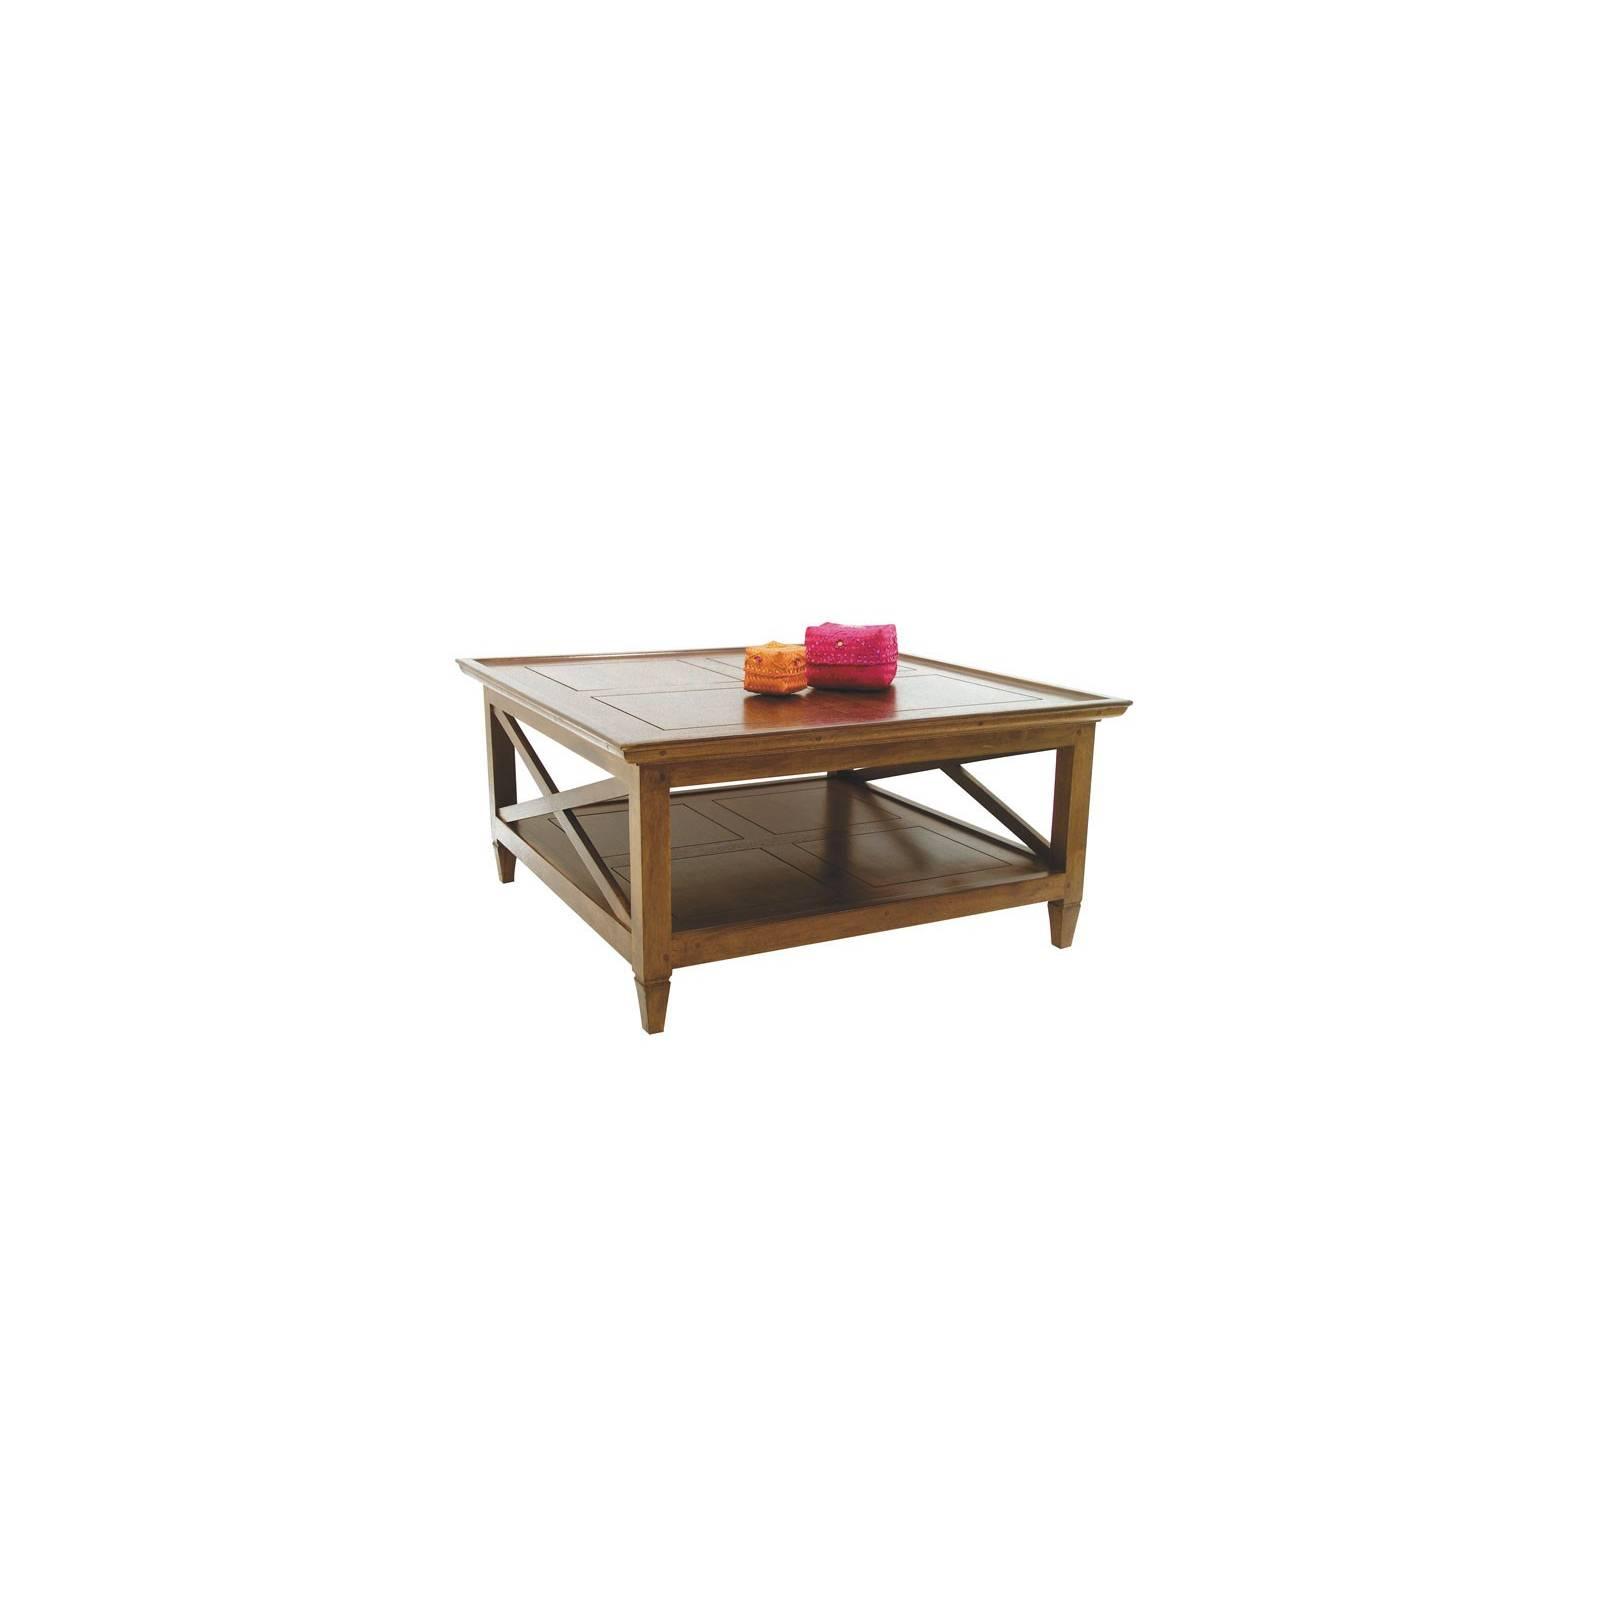 Table Basse Carrée Croisillon Hévéa - meuble style classique